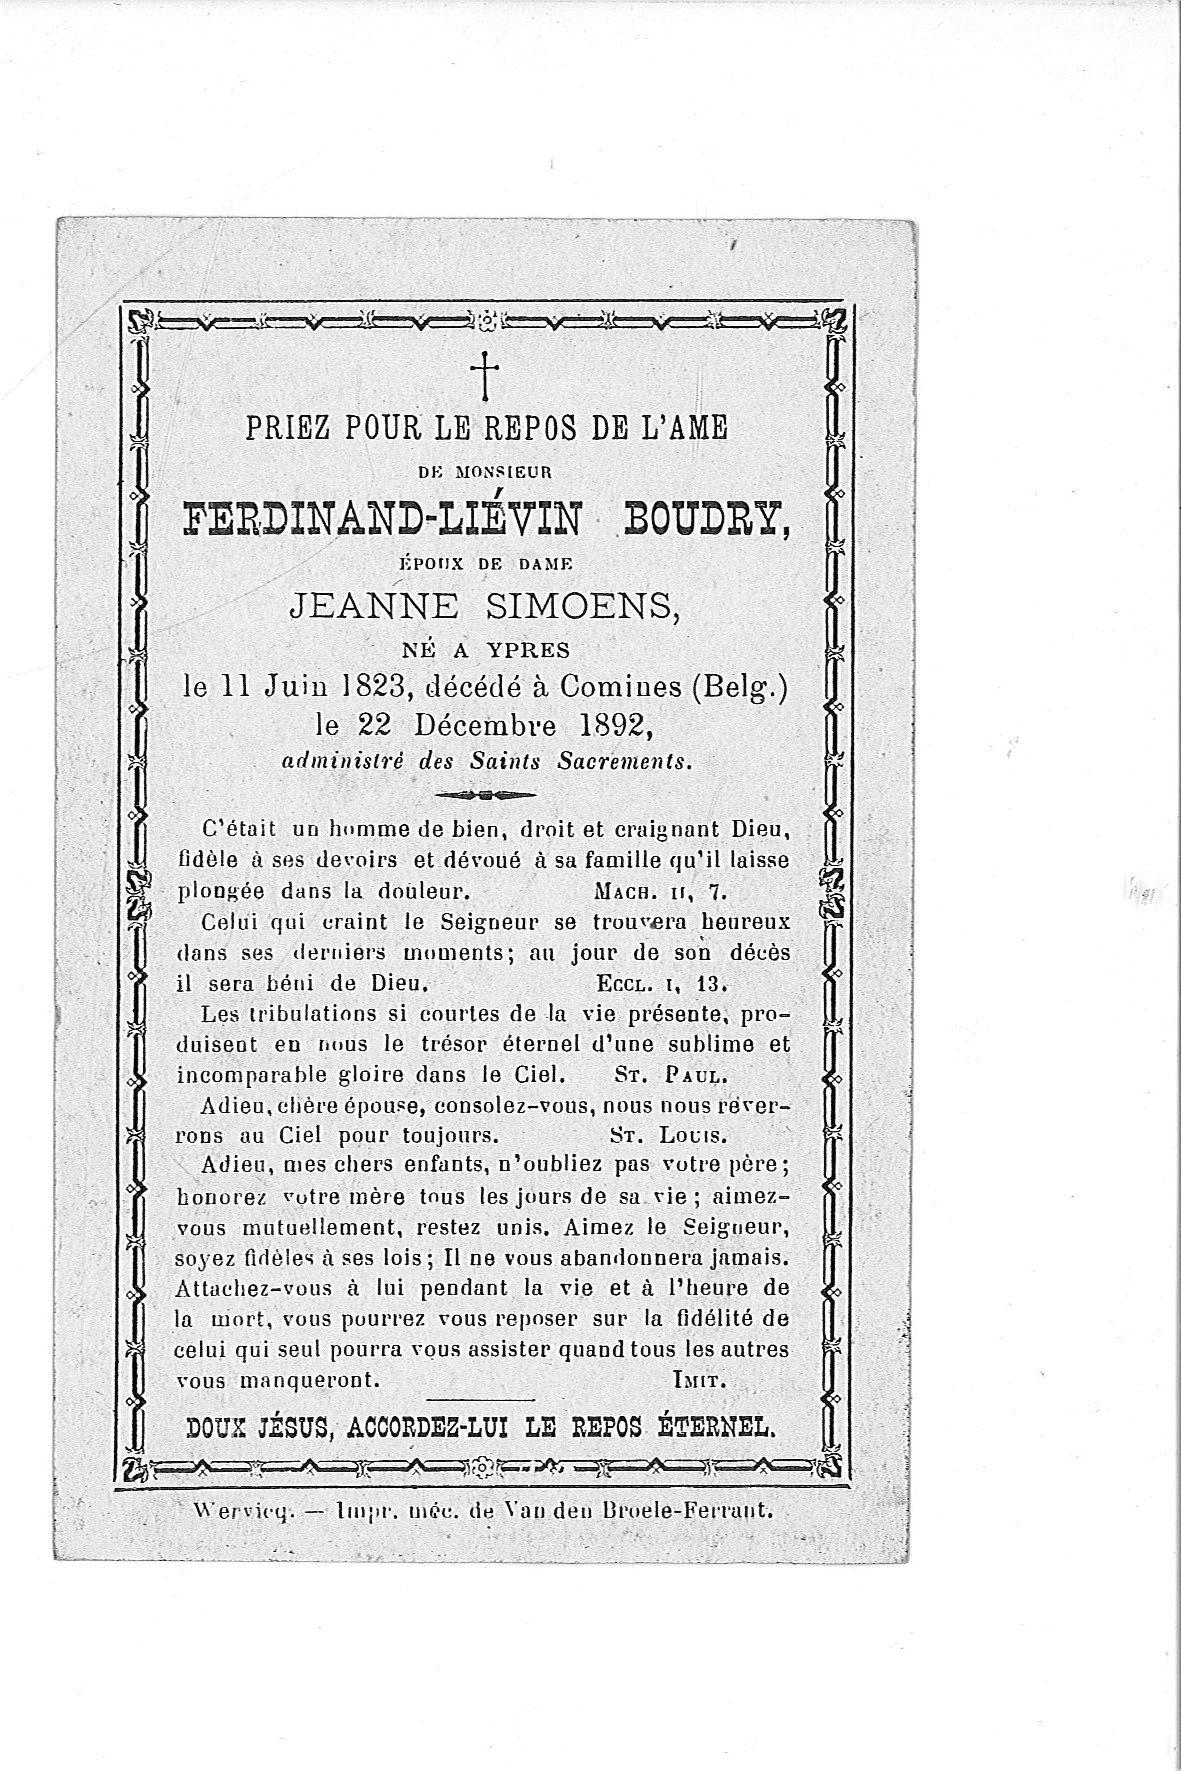 ferdinand-lievin-20090211142807_00071.jpg